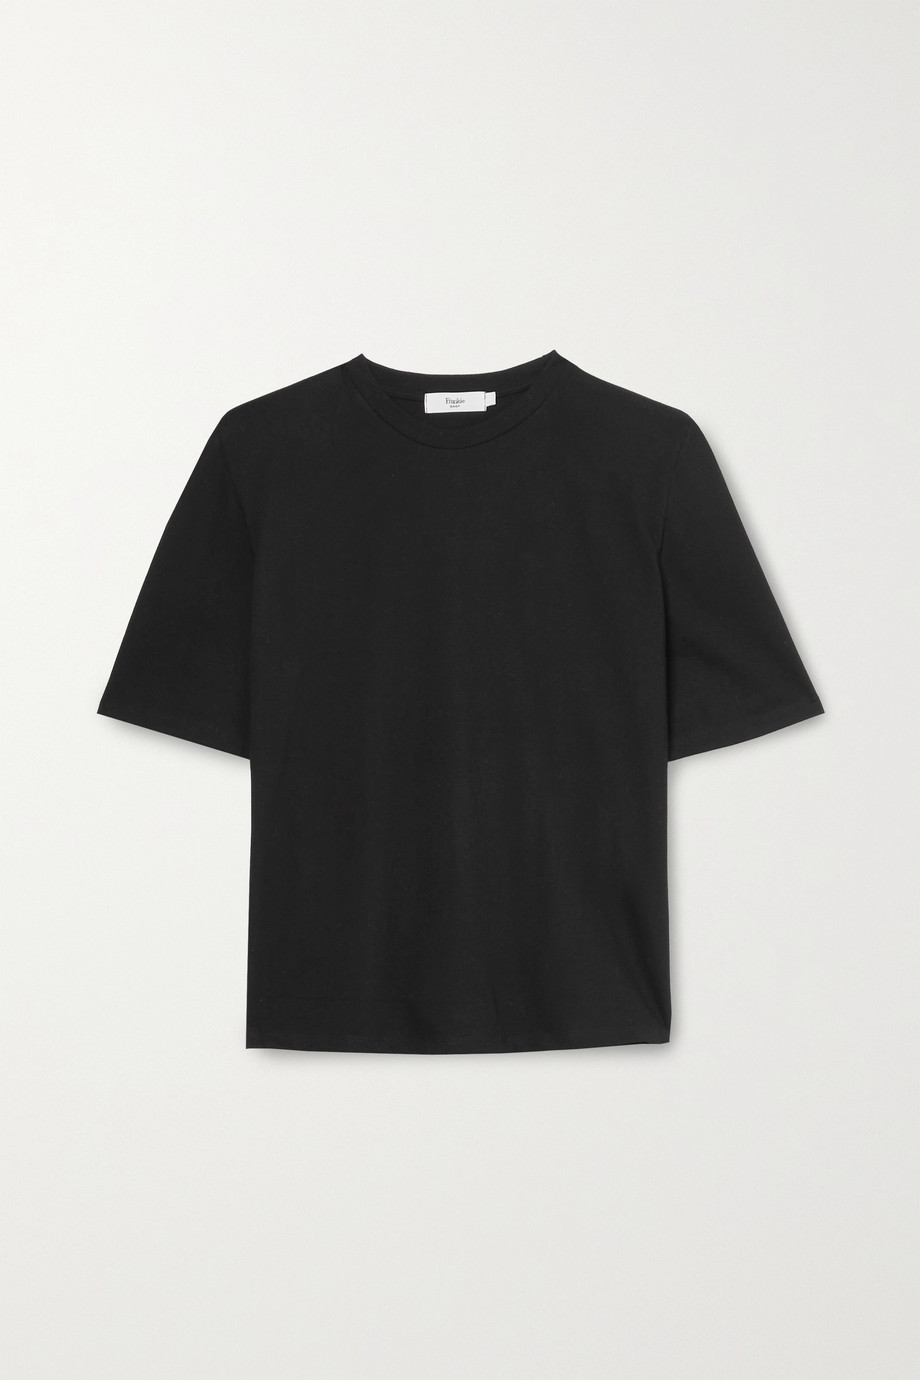 Frankie Shop T-shirt en jersey de coton Carrington